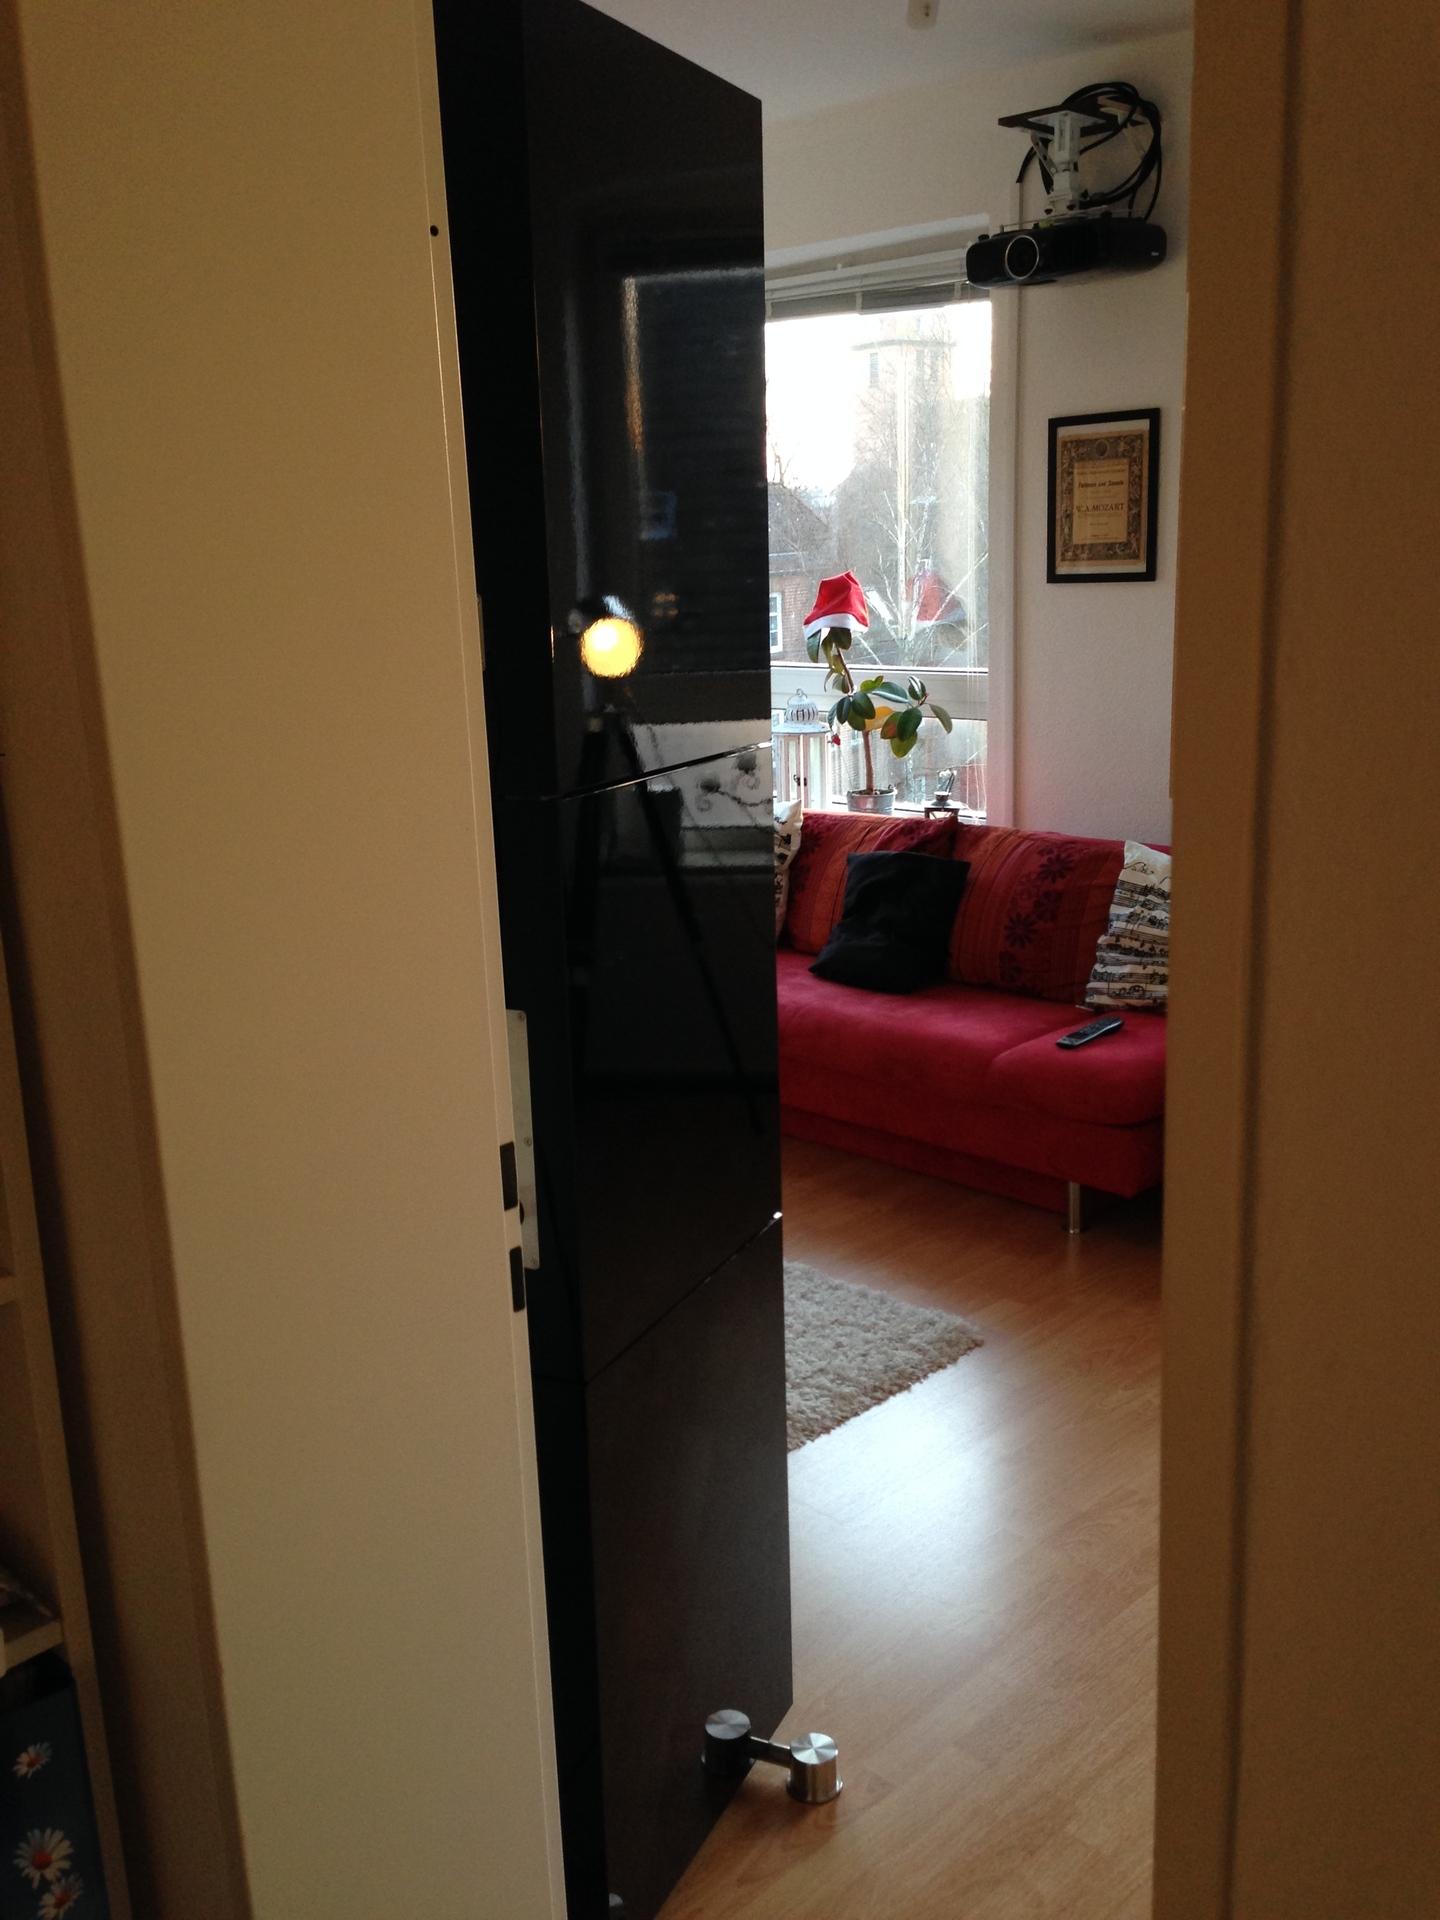 triptychon 2 0 triptychon triptychon20 hifi bildergalerie. Black Bedroom Furniture Sets. Home Design Ideas